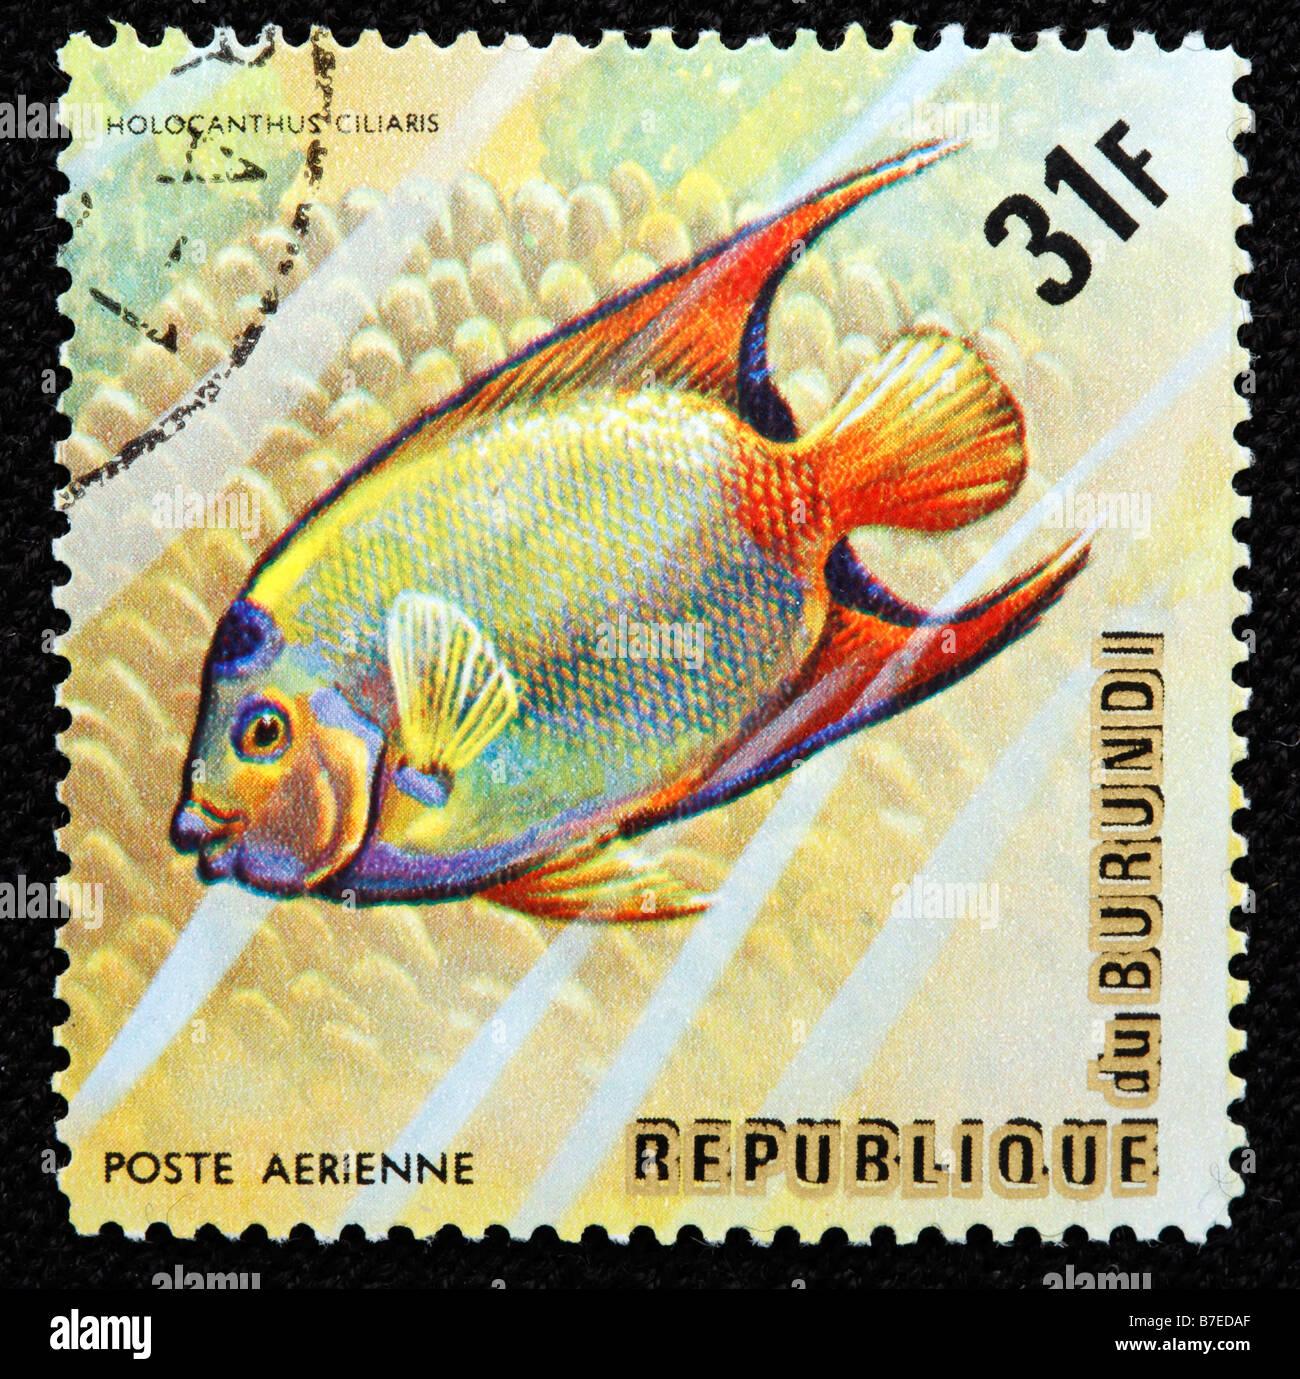 Queen angelfish holacanthus ciliaris atlantic ocean for Fish symboled stamp